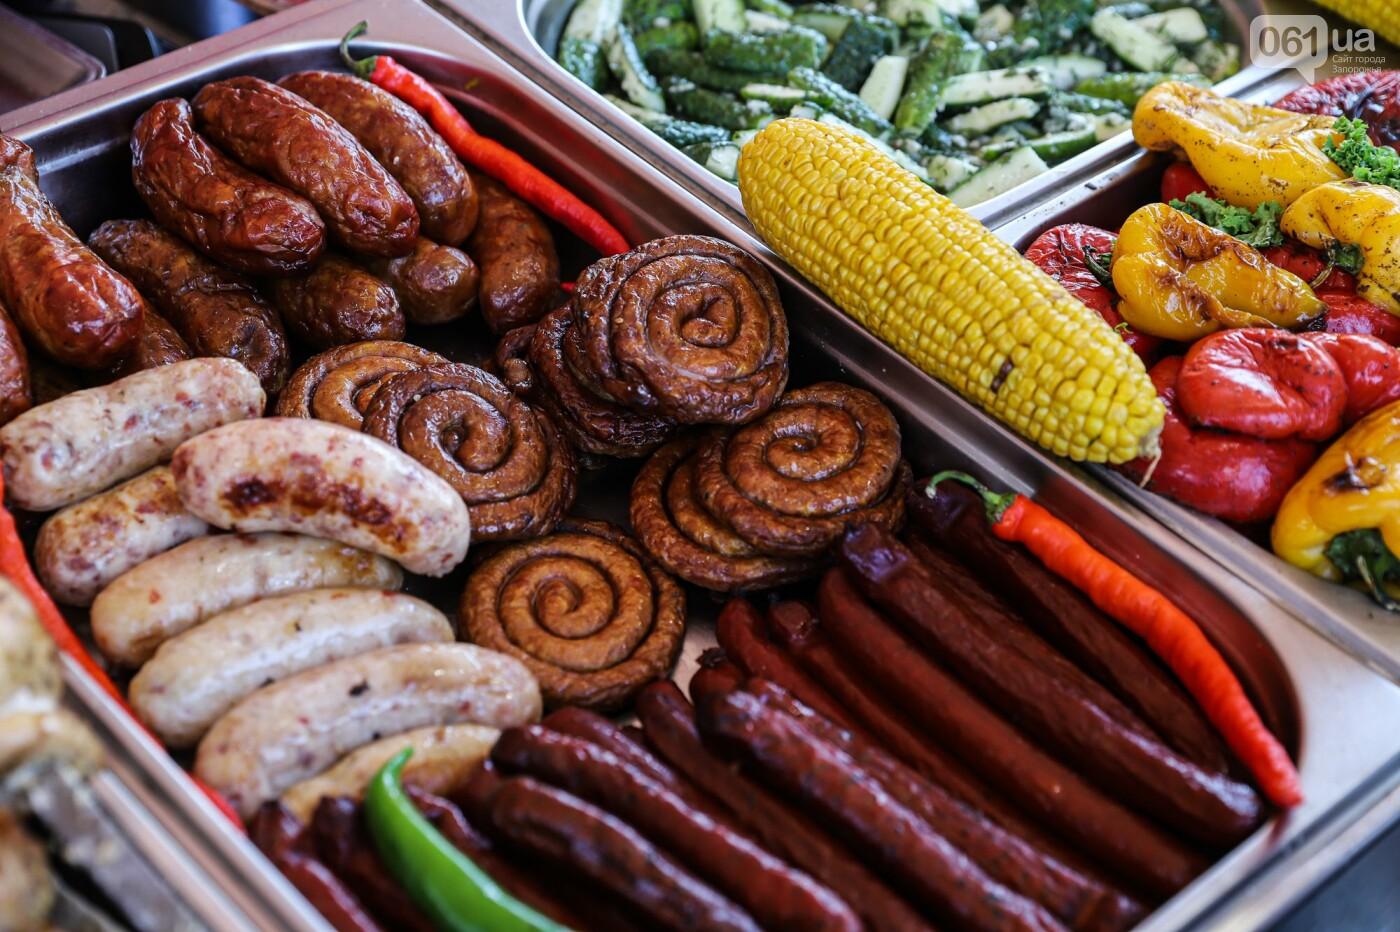 Бограч в хлебных горшочках и мясо из уникальной печи: что нового на фестивале уличной еды в Запорожье, - ФОТОРЕПОРТАЖ, фото-5